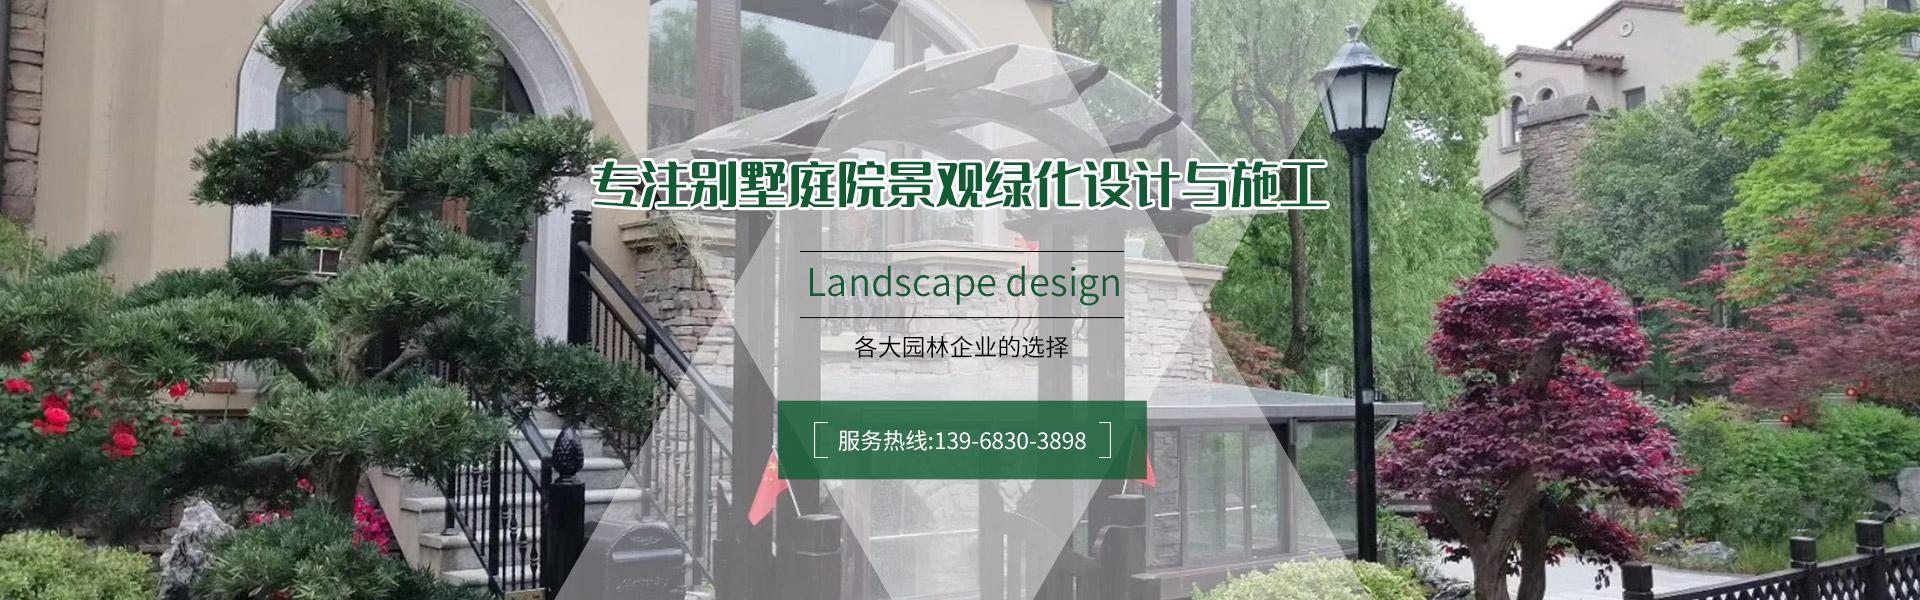 宁波唯景园林景观有限公司